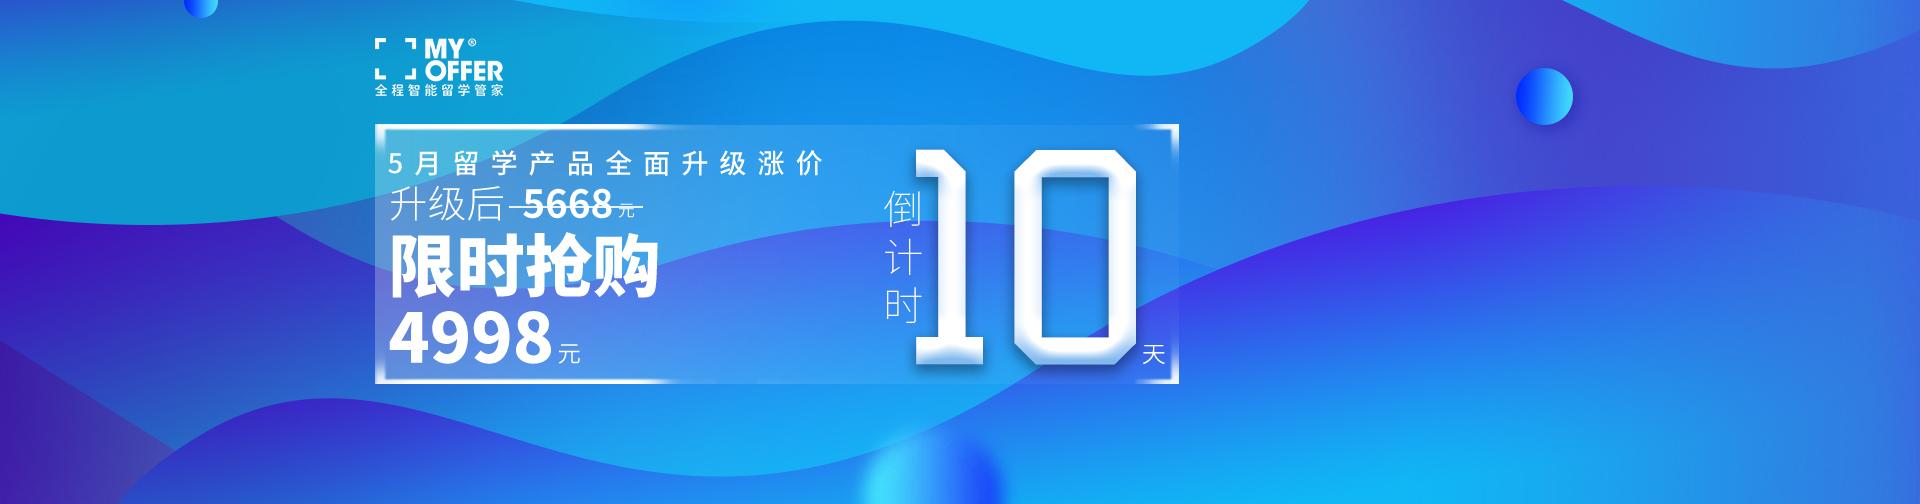 http://myoffer-public.oss-cn-shenzhen.aliyuncs.com/banners/e4b5358df9eec7bdcca7ccc63cc09c62-295816-1920x504.jpeg